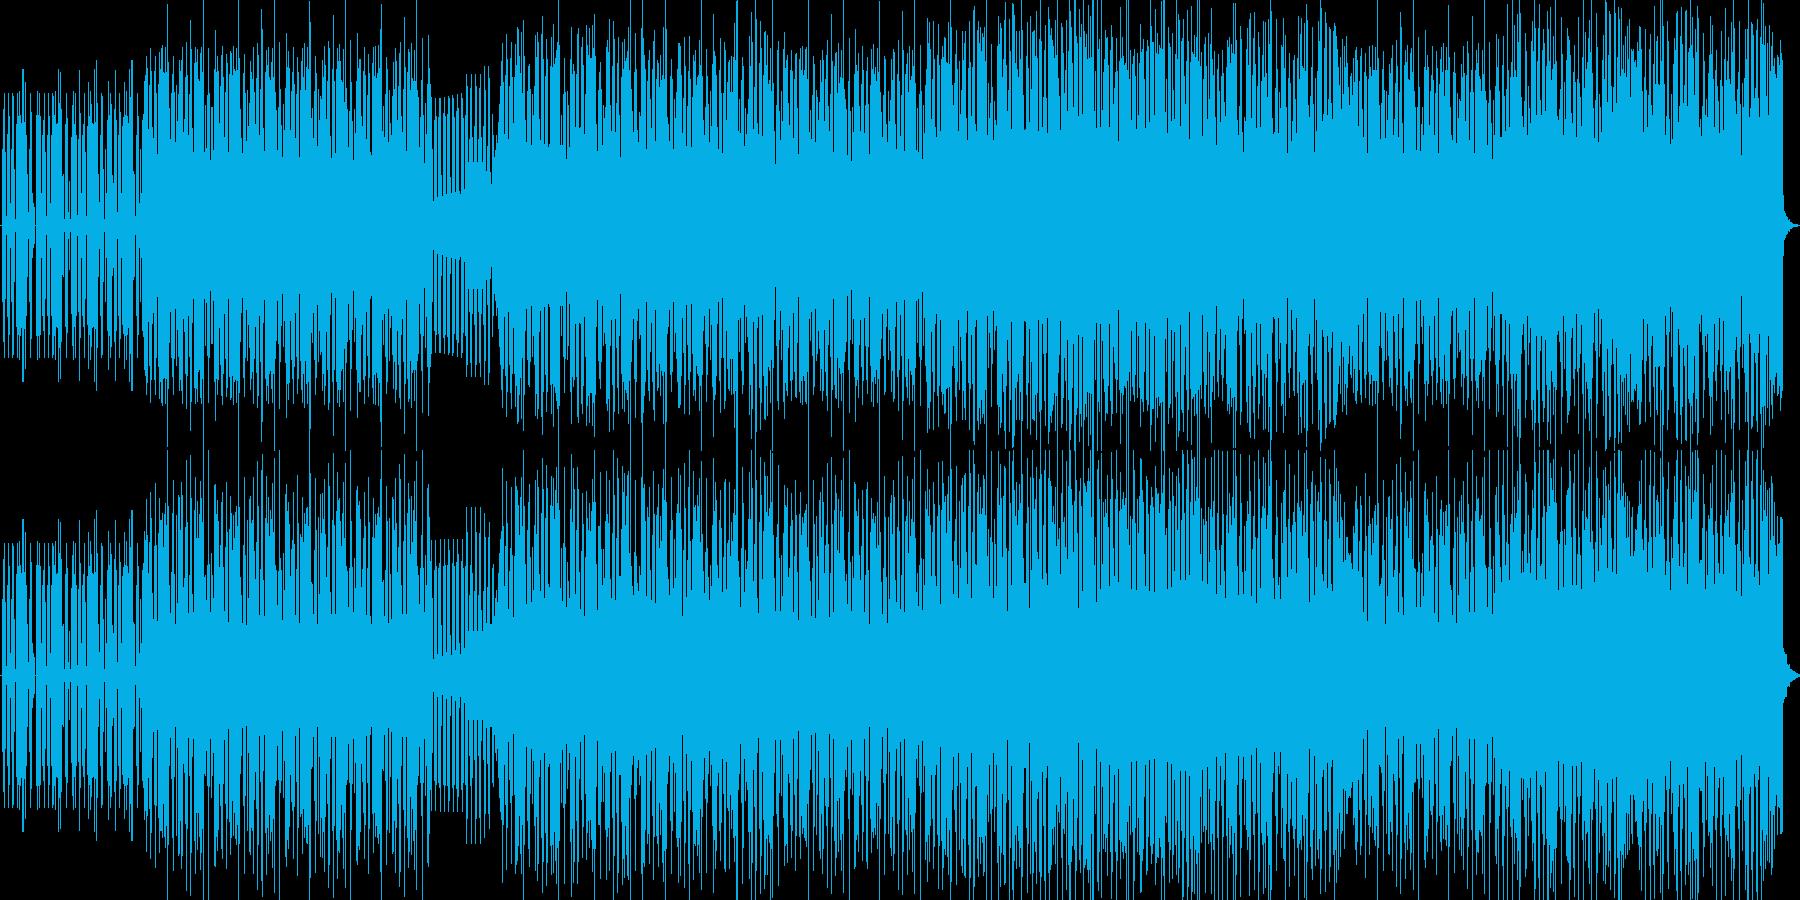 ゲームなどで使えそうな曲かと思います。の再生済みの波形